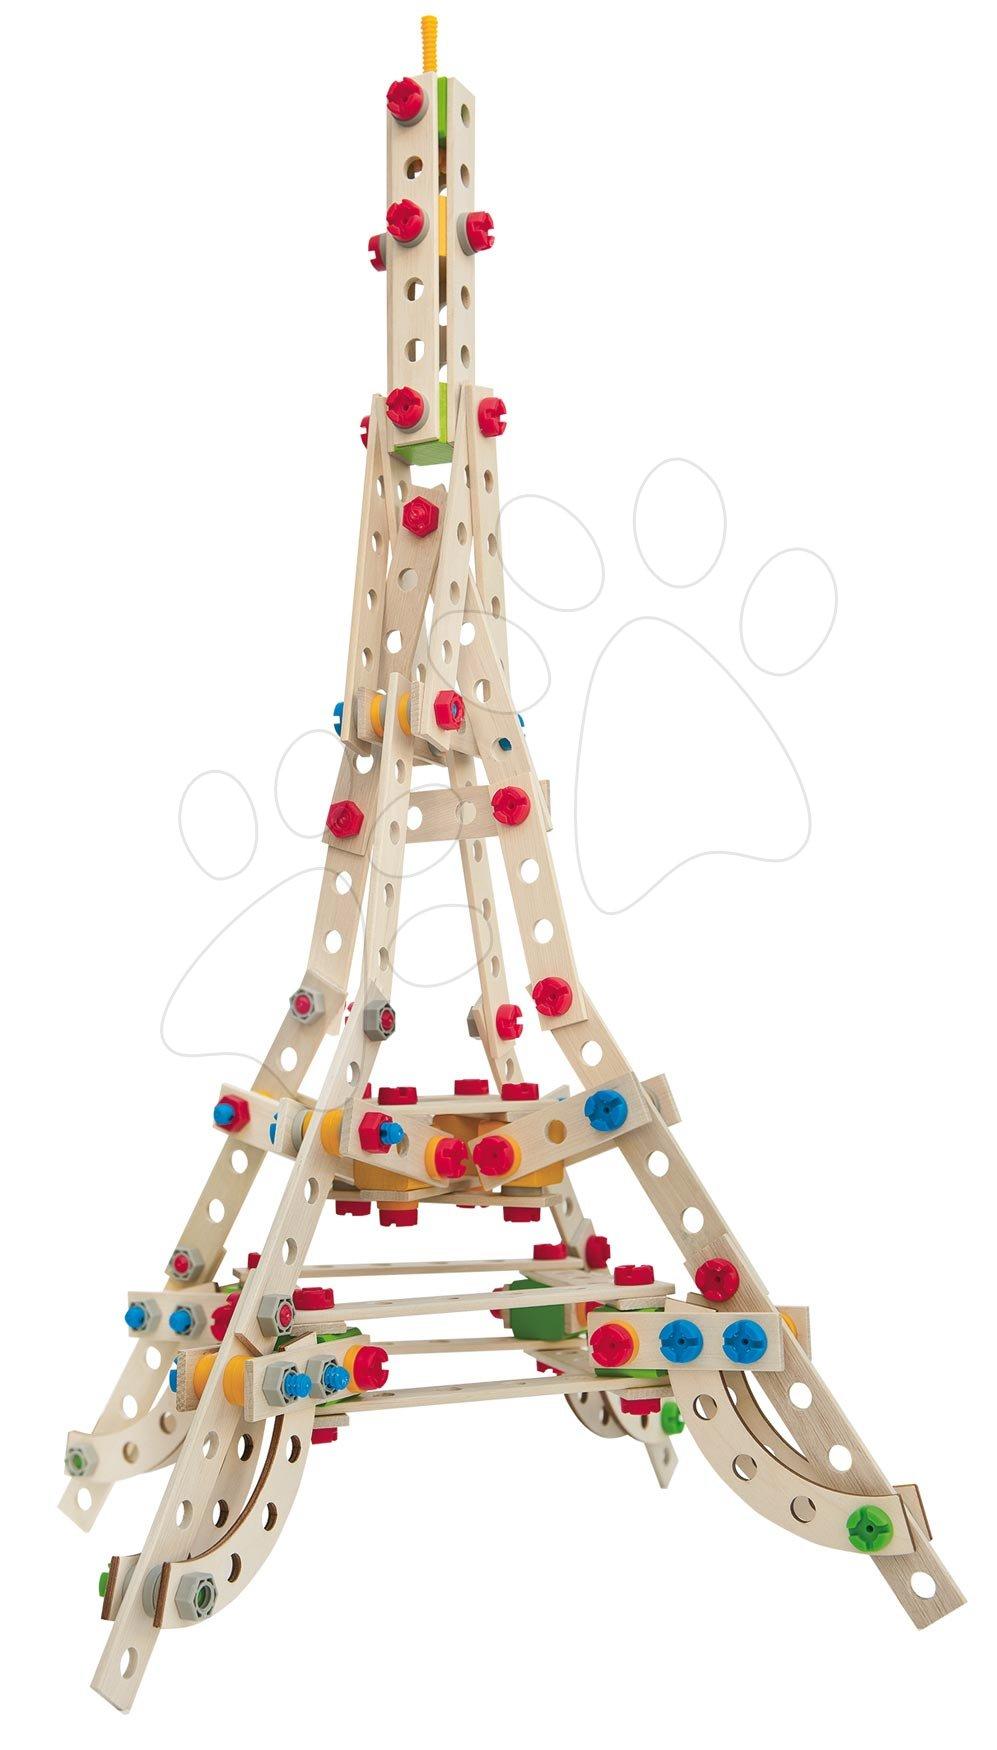 Joc de construit din lemn turnul Eiffel Constructor Eiffel Tower Eichhorn 3 modele (turnul Eiffel, moară de vânt, Arc de triumf) 315 piese de la 6 ani